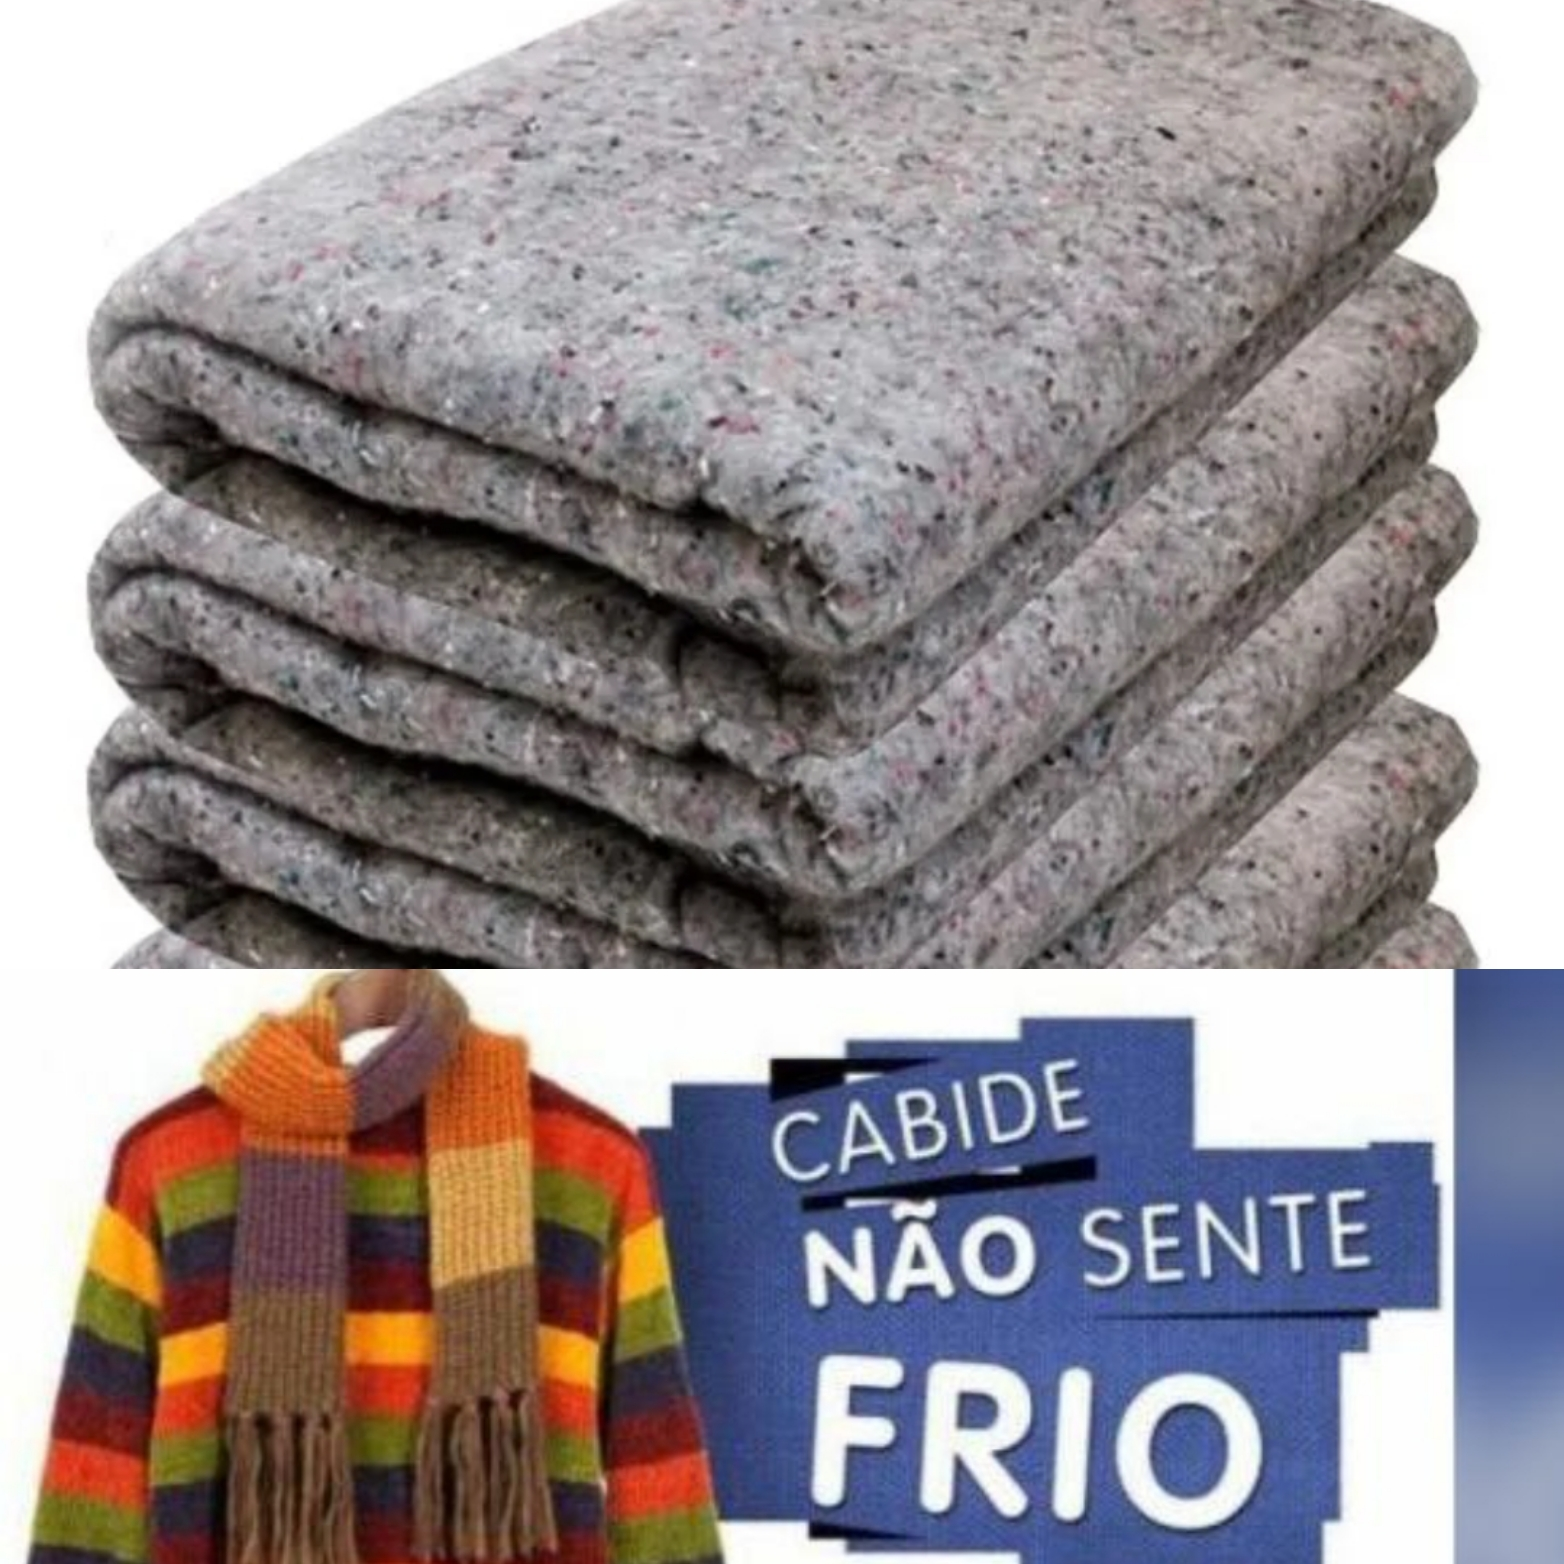 CABIDE NÃO TEM FRIO OSVALDO ARANHA